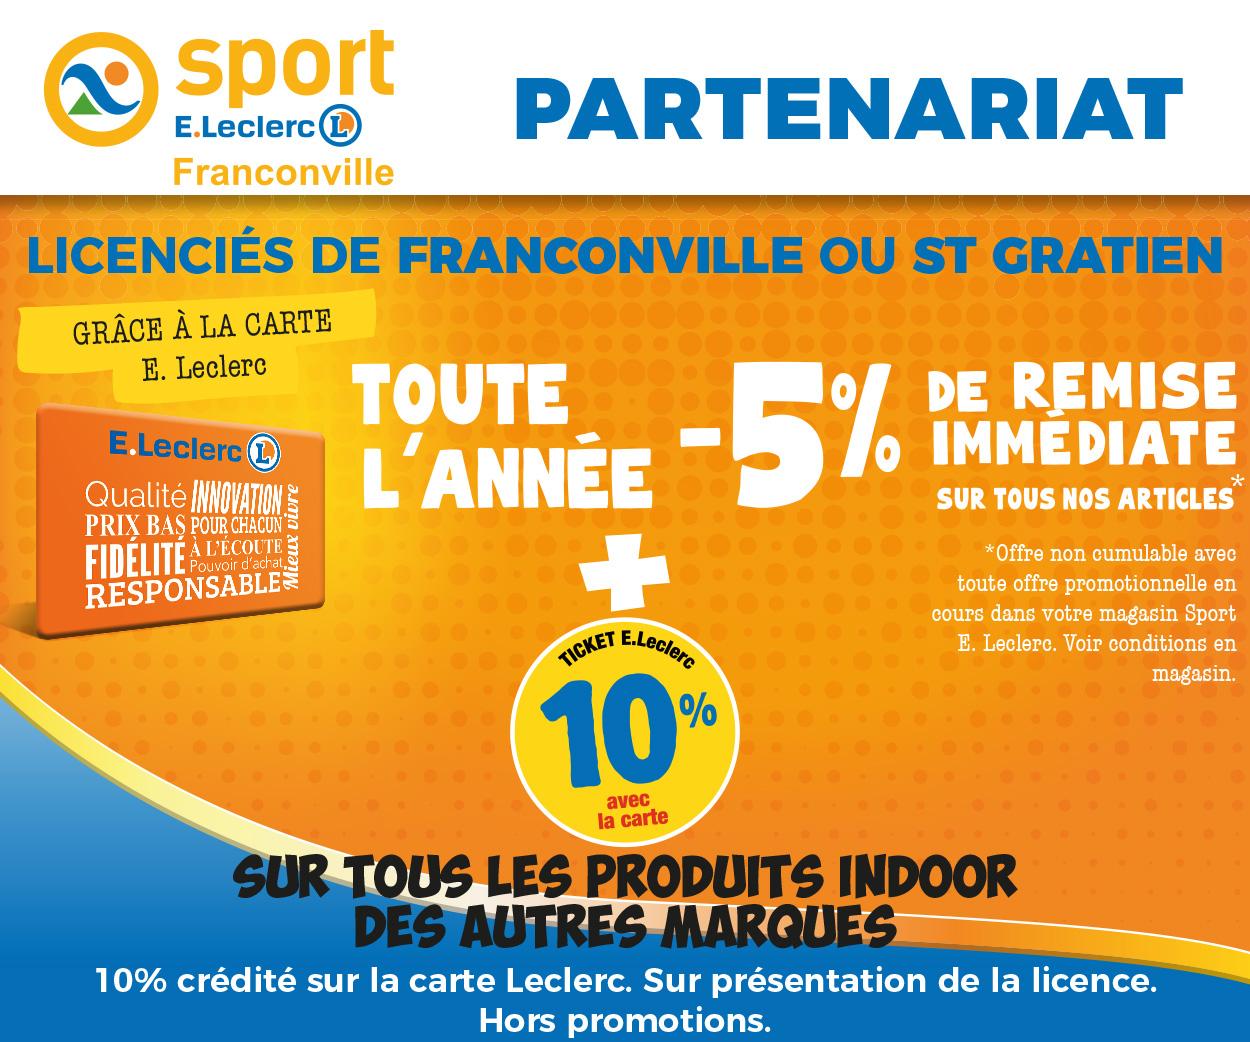 Partenariat avec Leclerc Sports Franconville